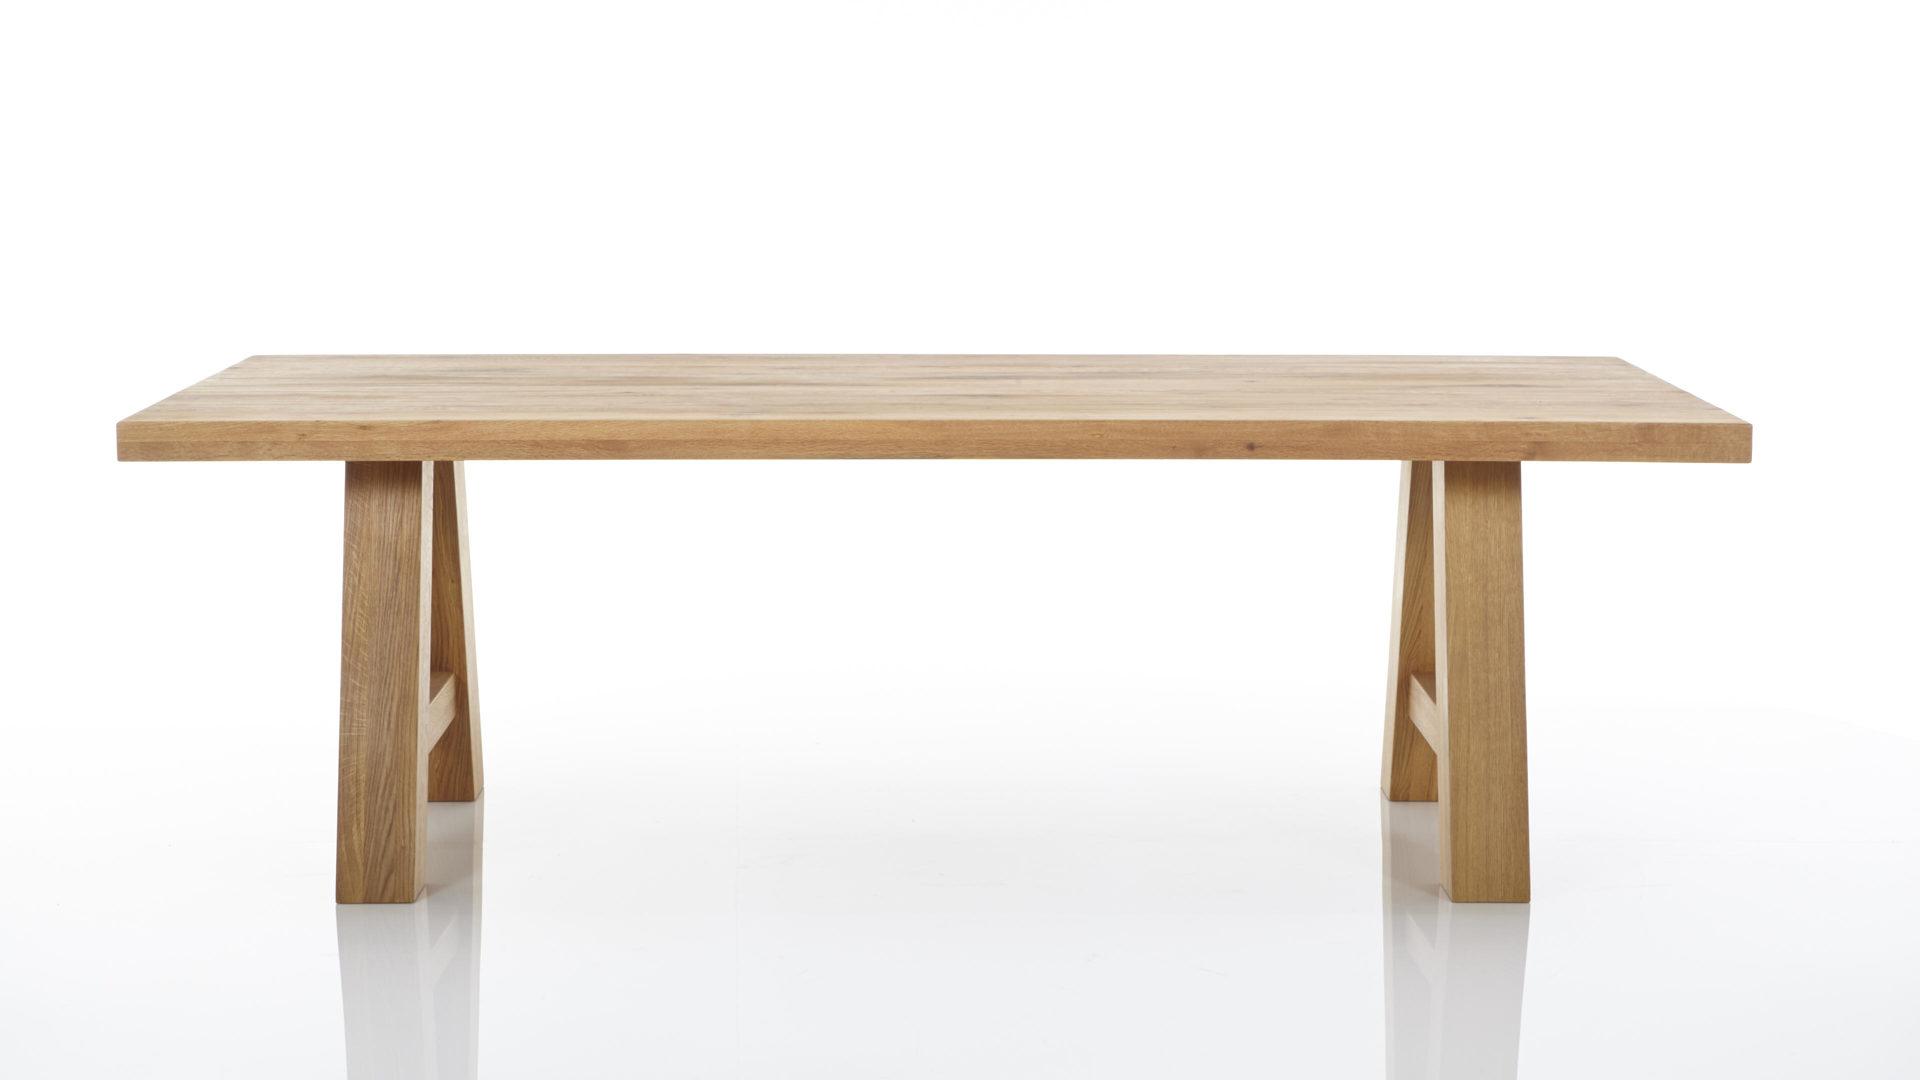 Massivholzmöbel - Esstisch, geölte Balkeneiche - ca. 220 x 100 cm ...